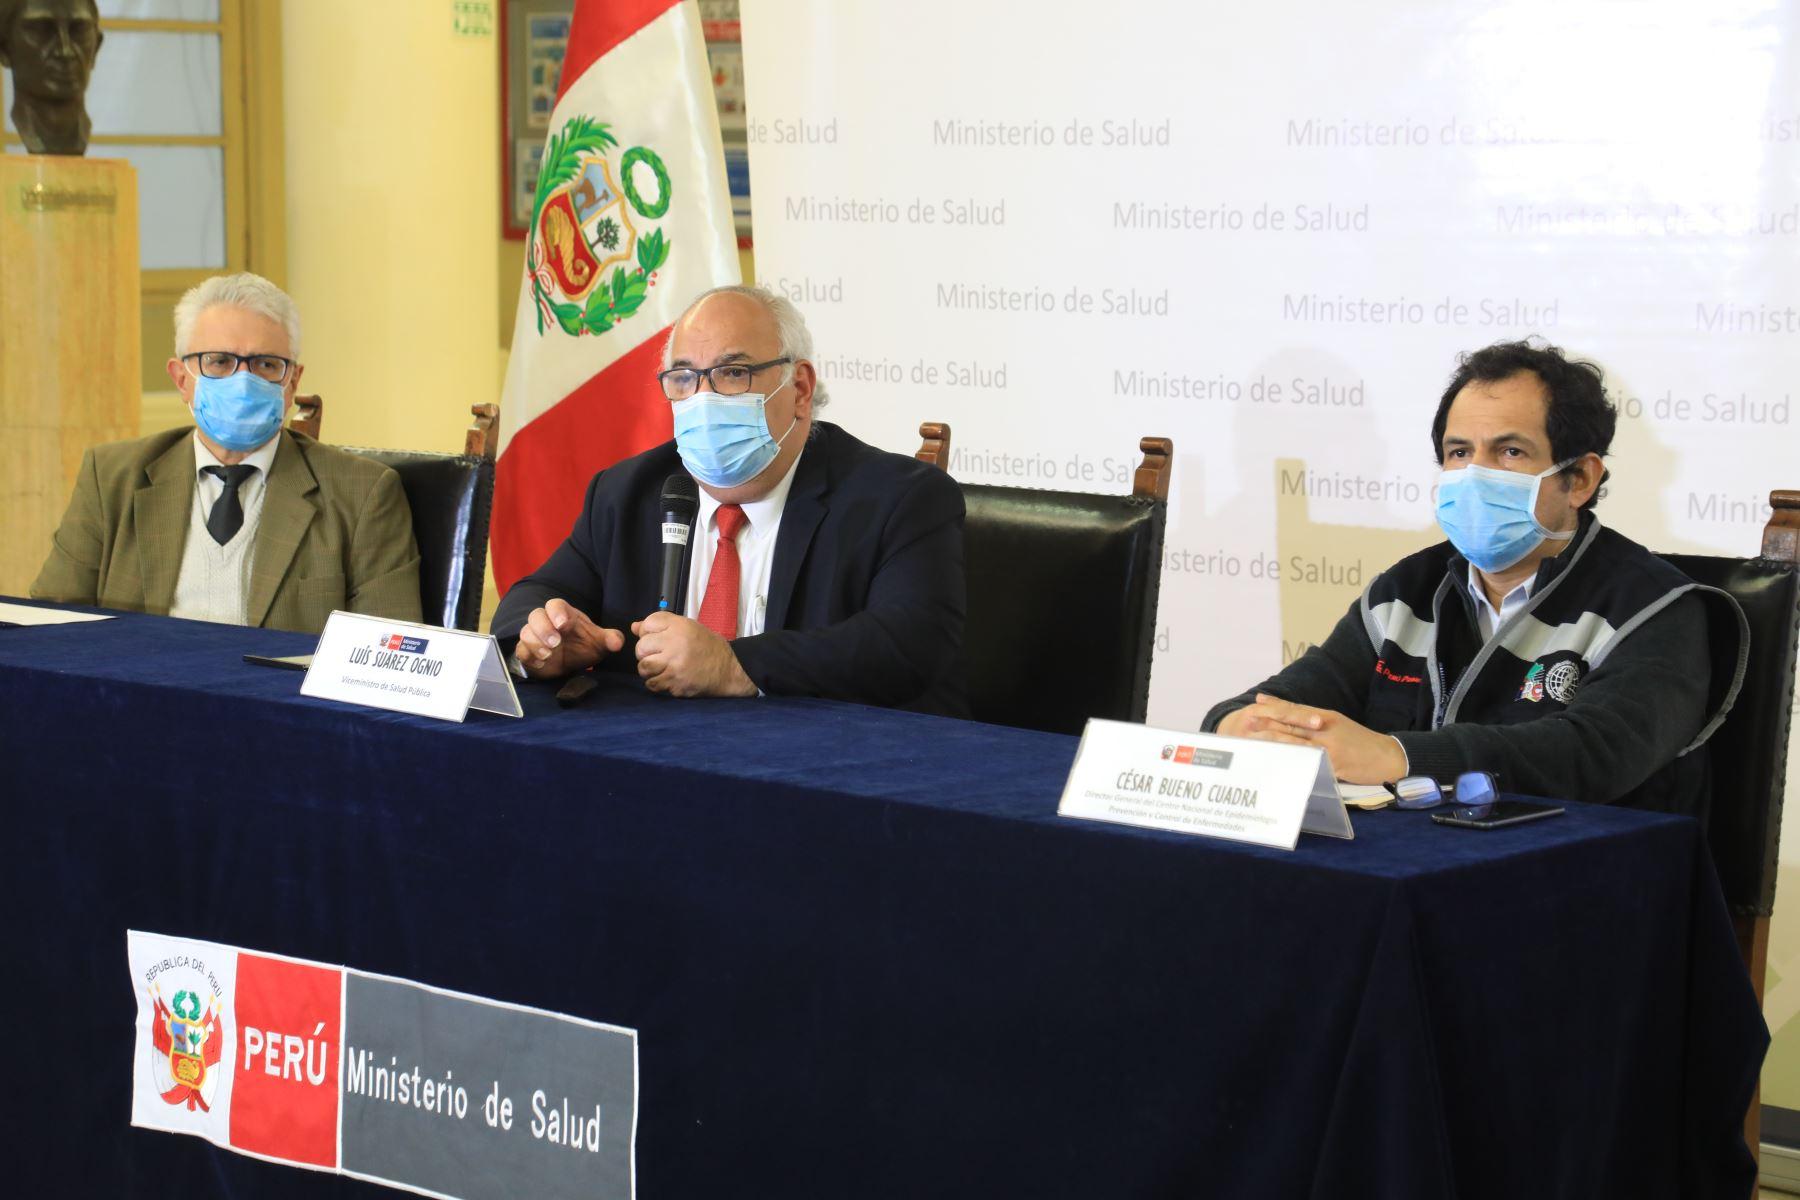 A 25,648 asciende el número de fallecidos por covid-19 en el Perú, según la nueva actualización de cifras al 17 de julio presentada  por el viceministro de Salud, Luis Suárez. Foto: Minsa